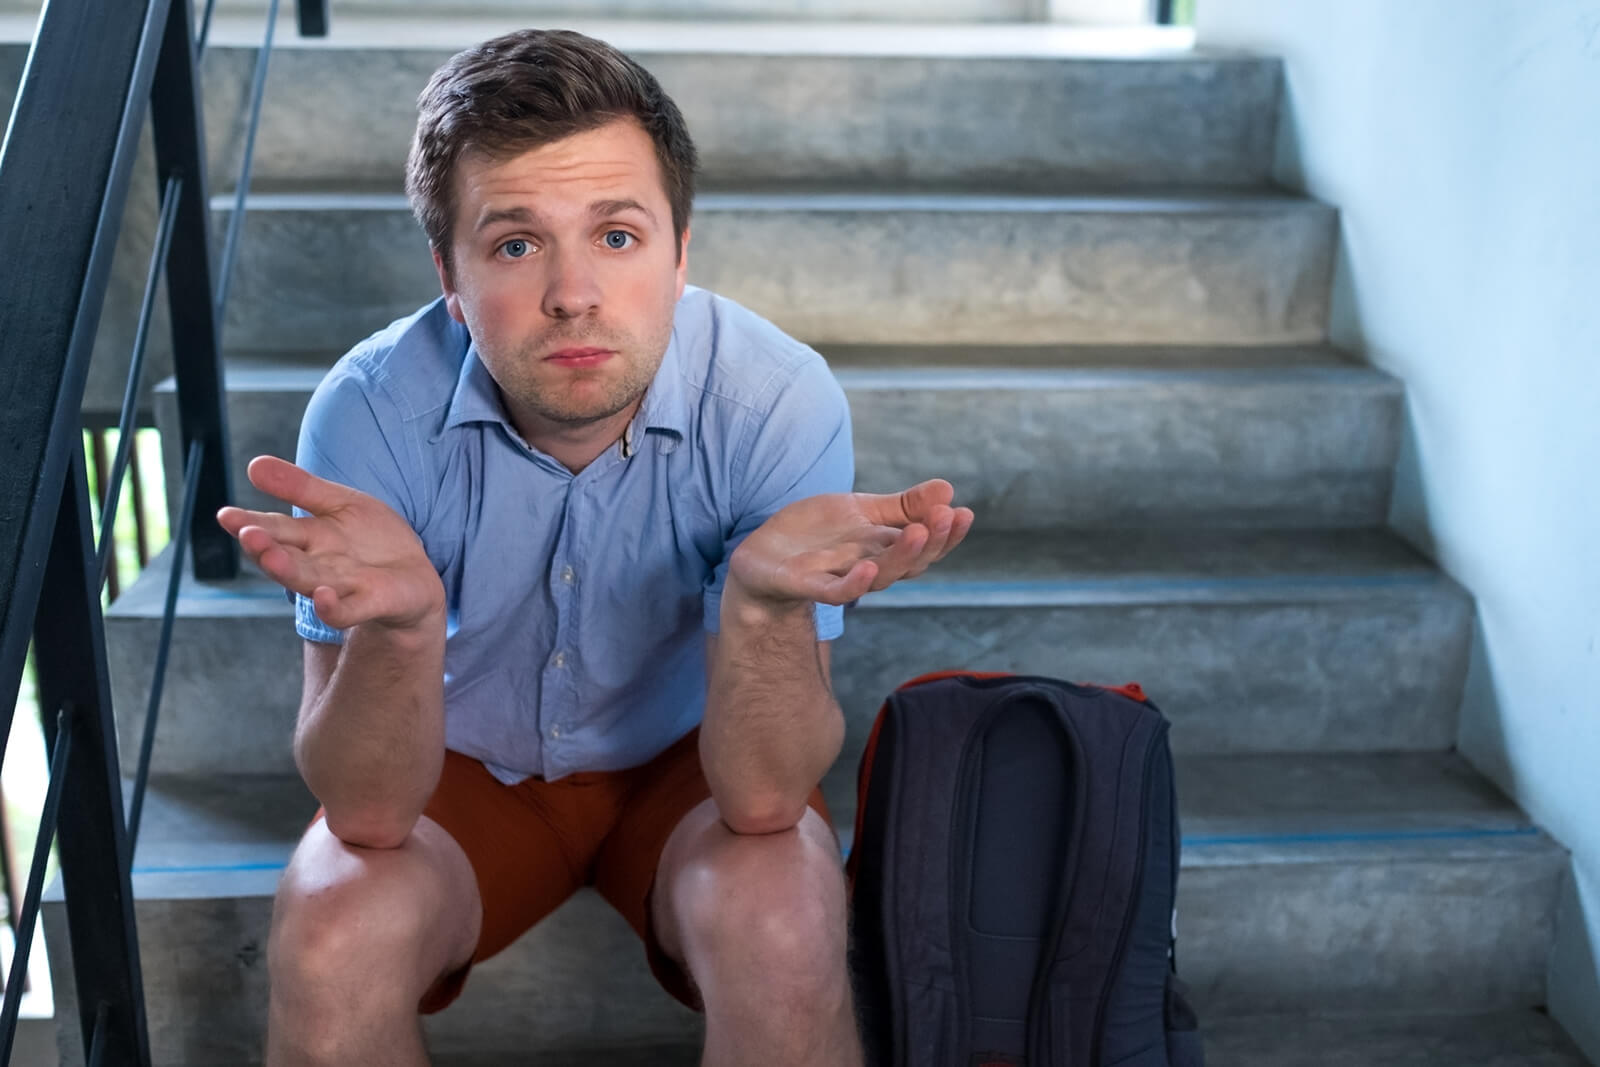 Mann (ausgesperrt) auf Treppe sitzend